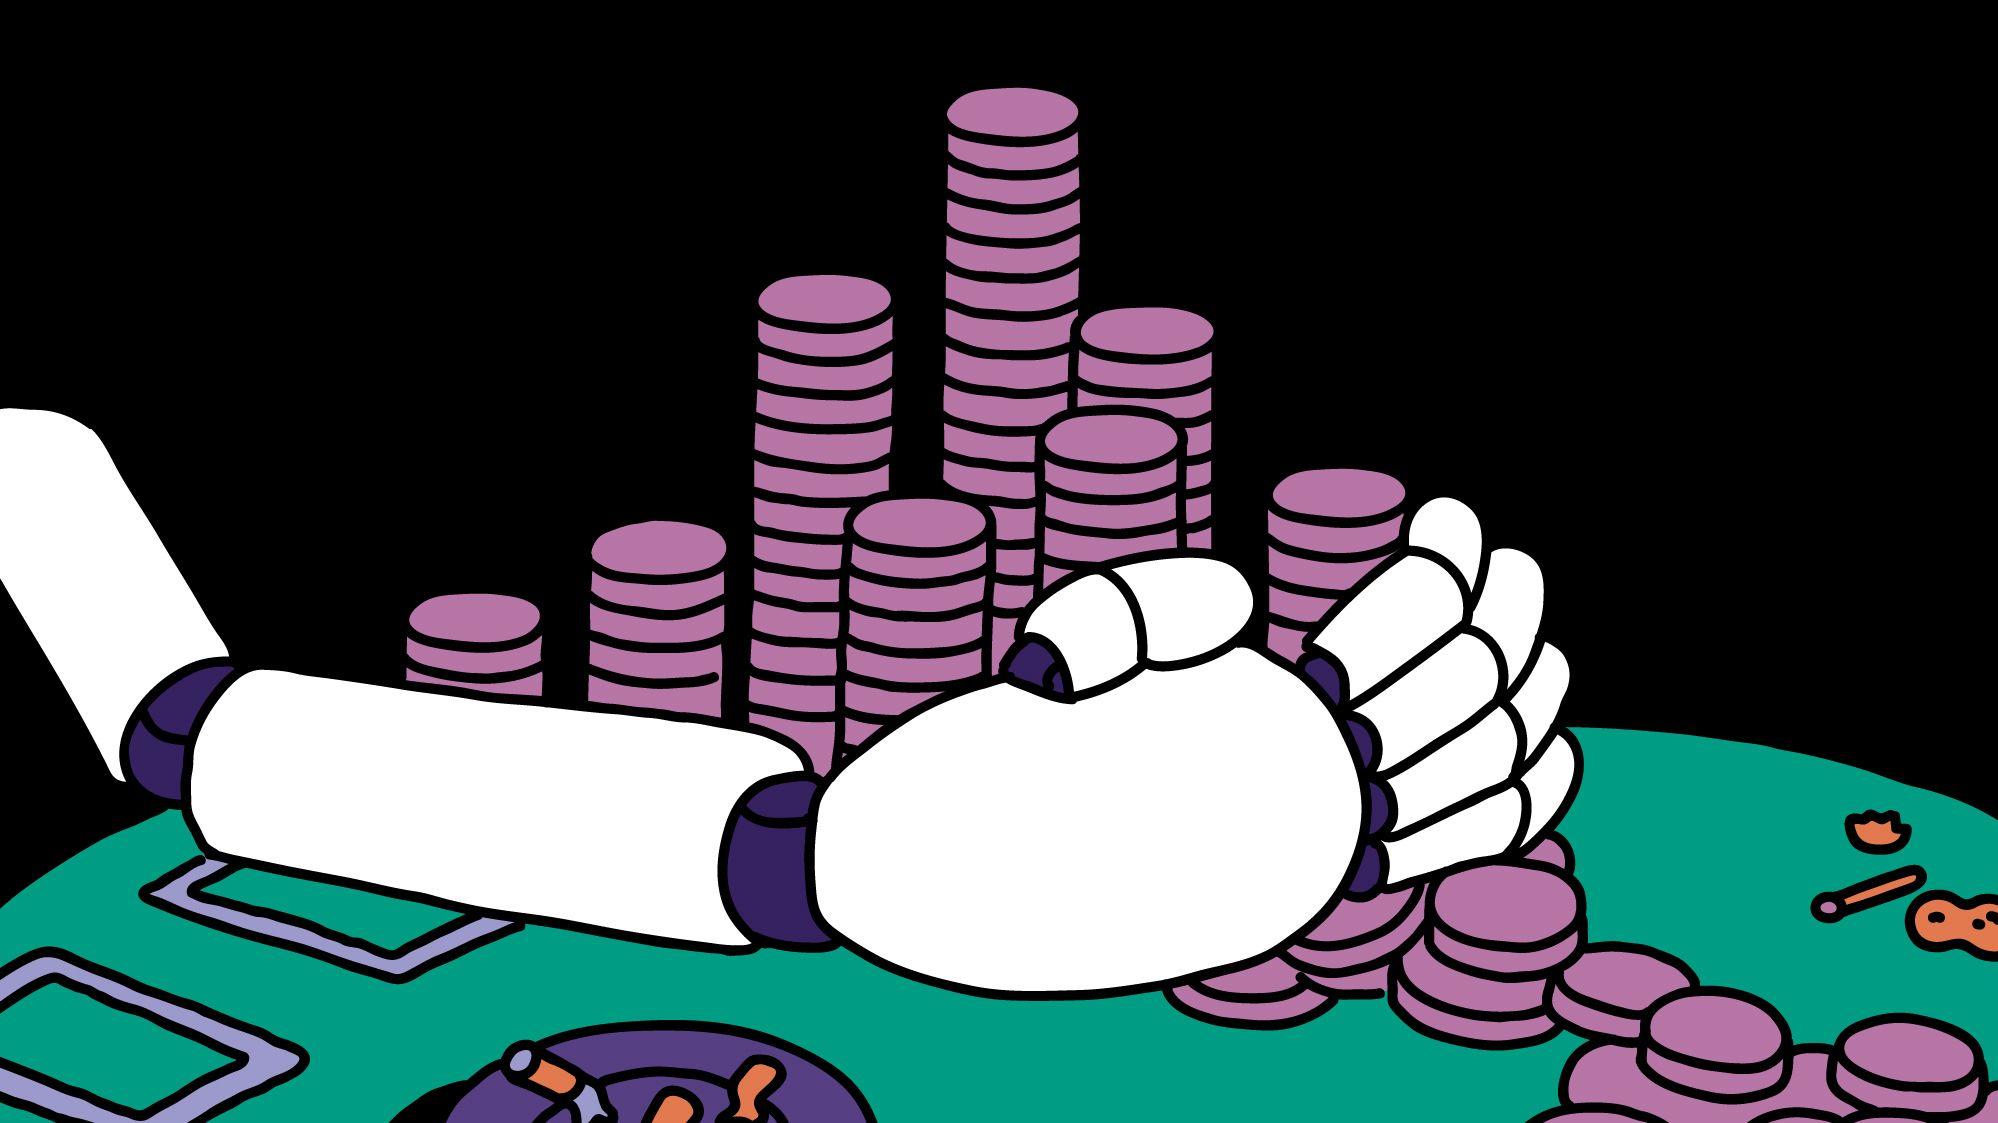 人工知能が ポーカーのハッタリ勝負で 人間に勝利する意味とは?